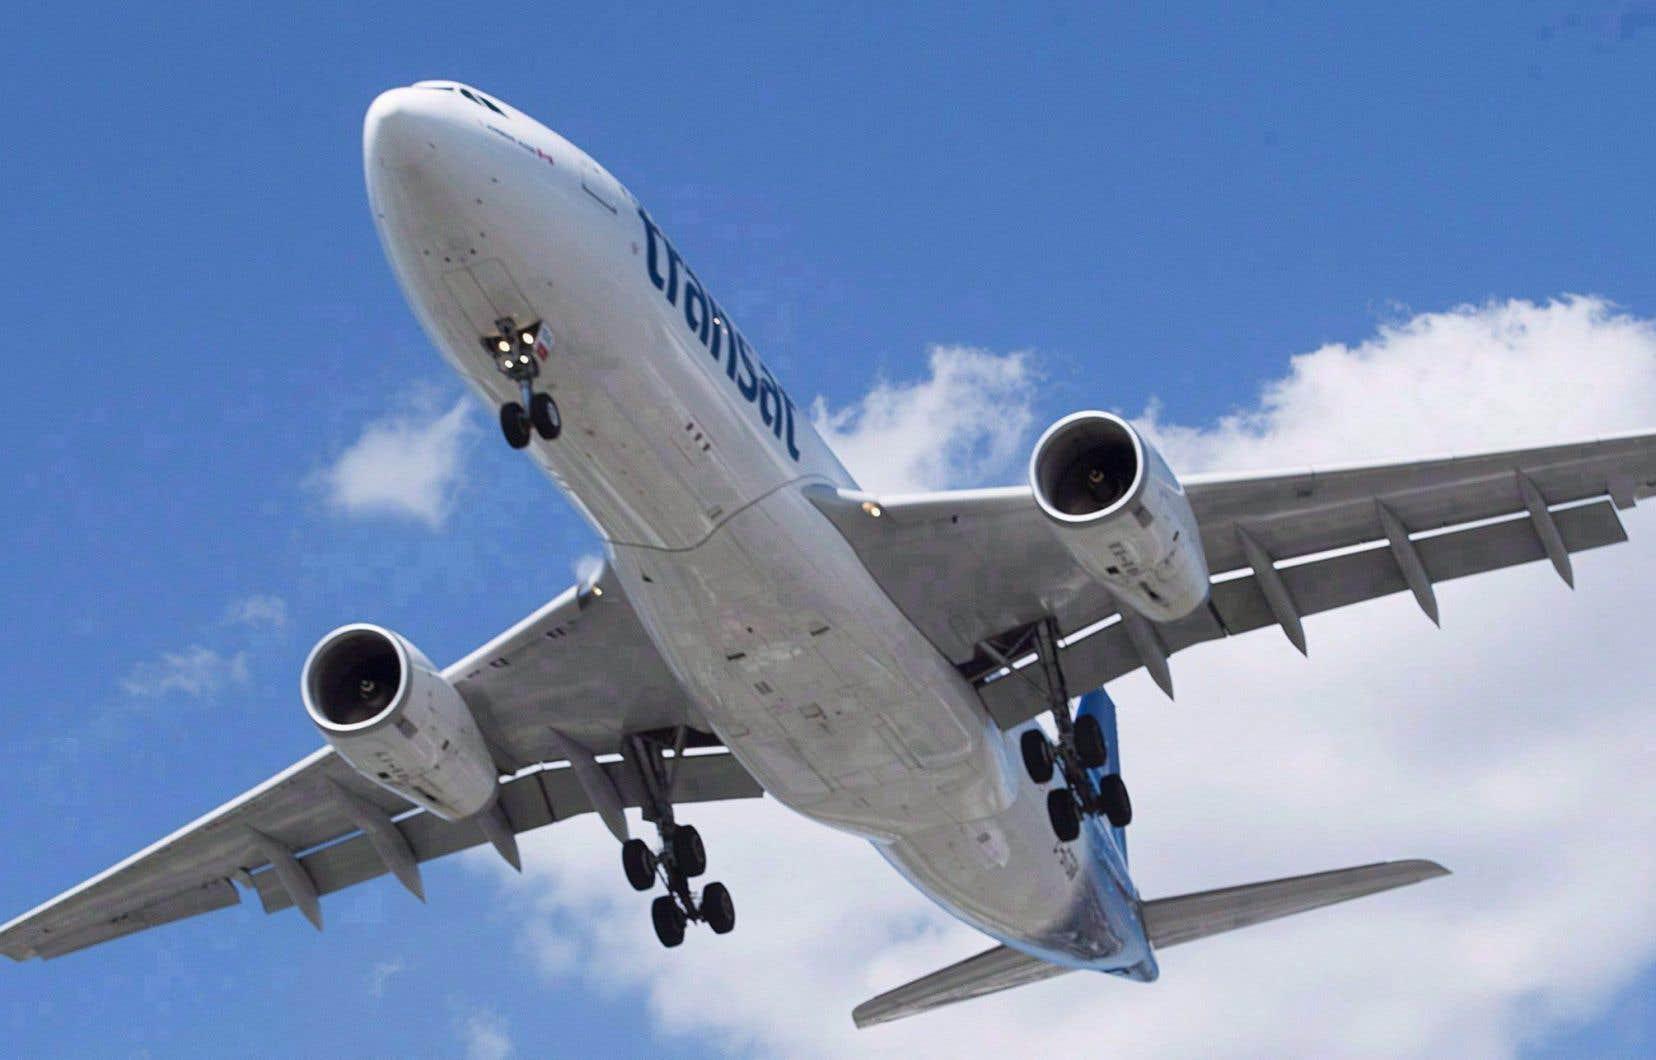 Les membres Aéroplan pourront ainsi accumuler et échanger des milles contre tous les vols d'Air Transat à partir de juillet 2020.